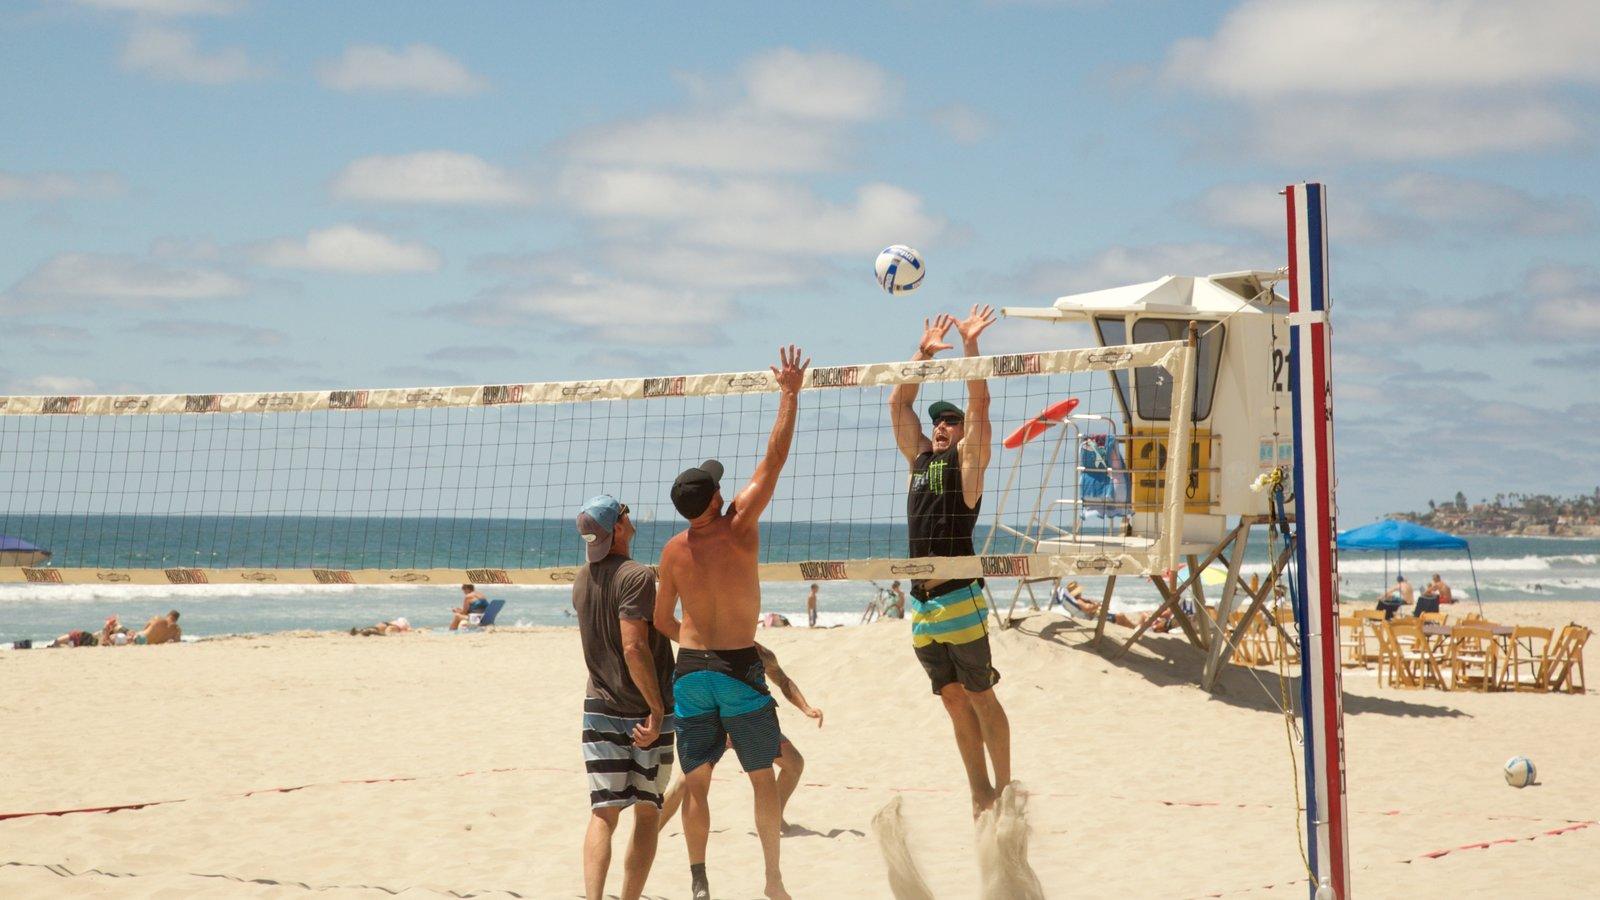 Pacific Beach Park caracterizando um evento desportivo e uma praia assim como um pequeno grupo de pessoas